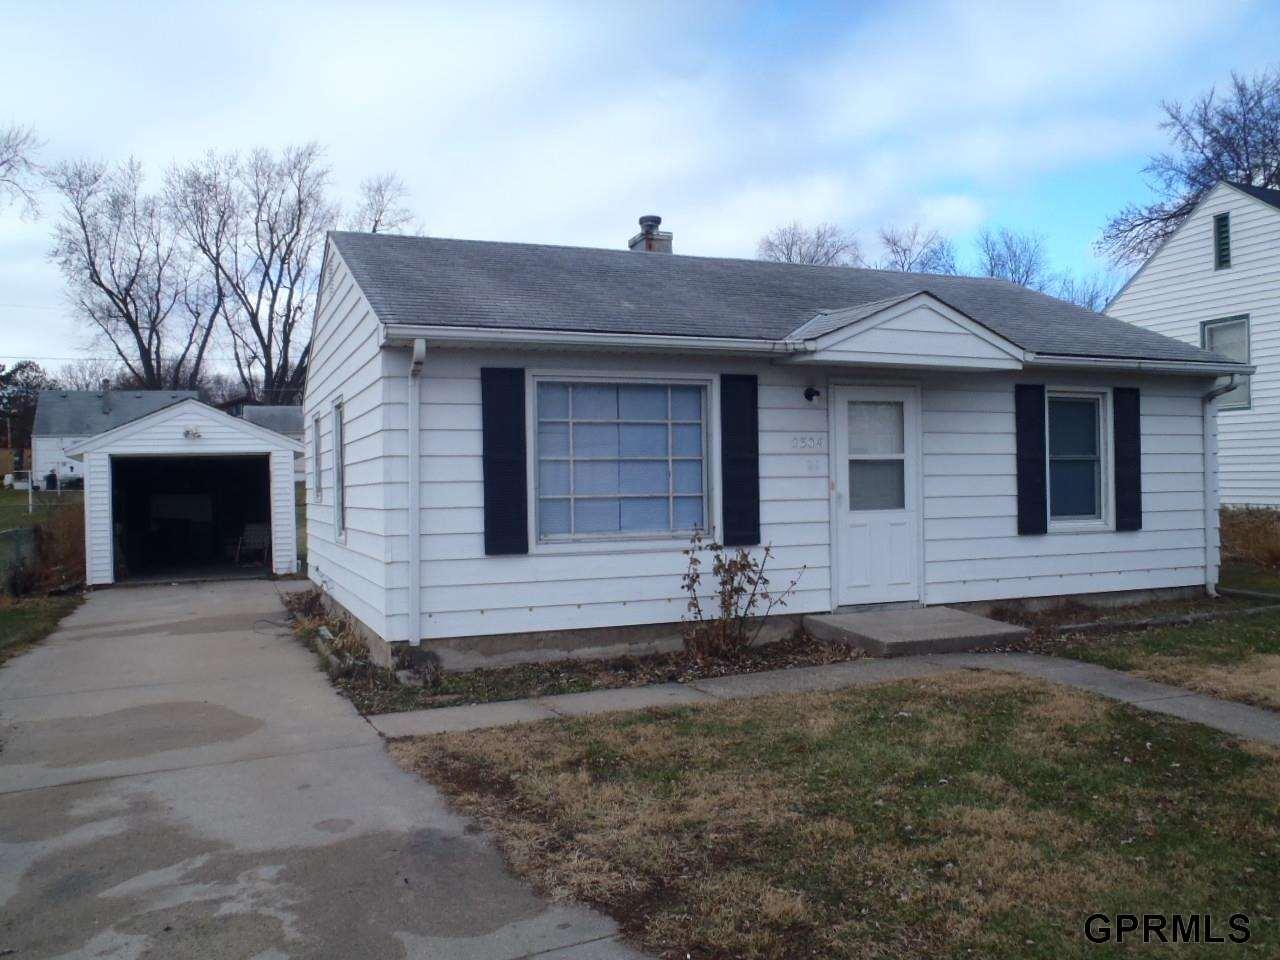 Rental Homes for Rent, ListingId:31004124, location: 2304 Van Buren Bellevue 68005